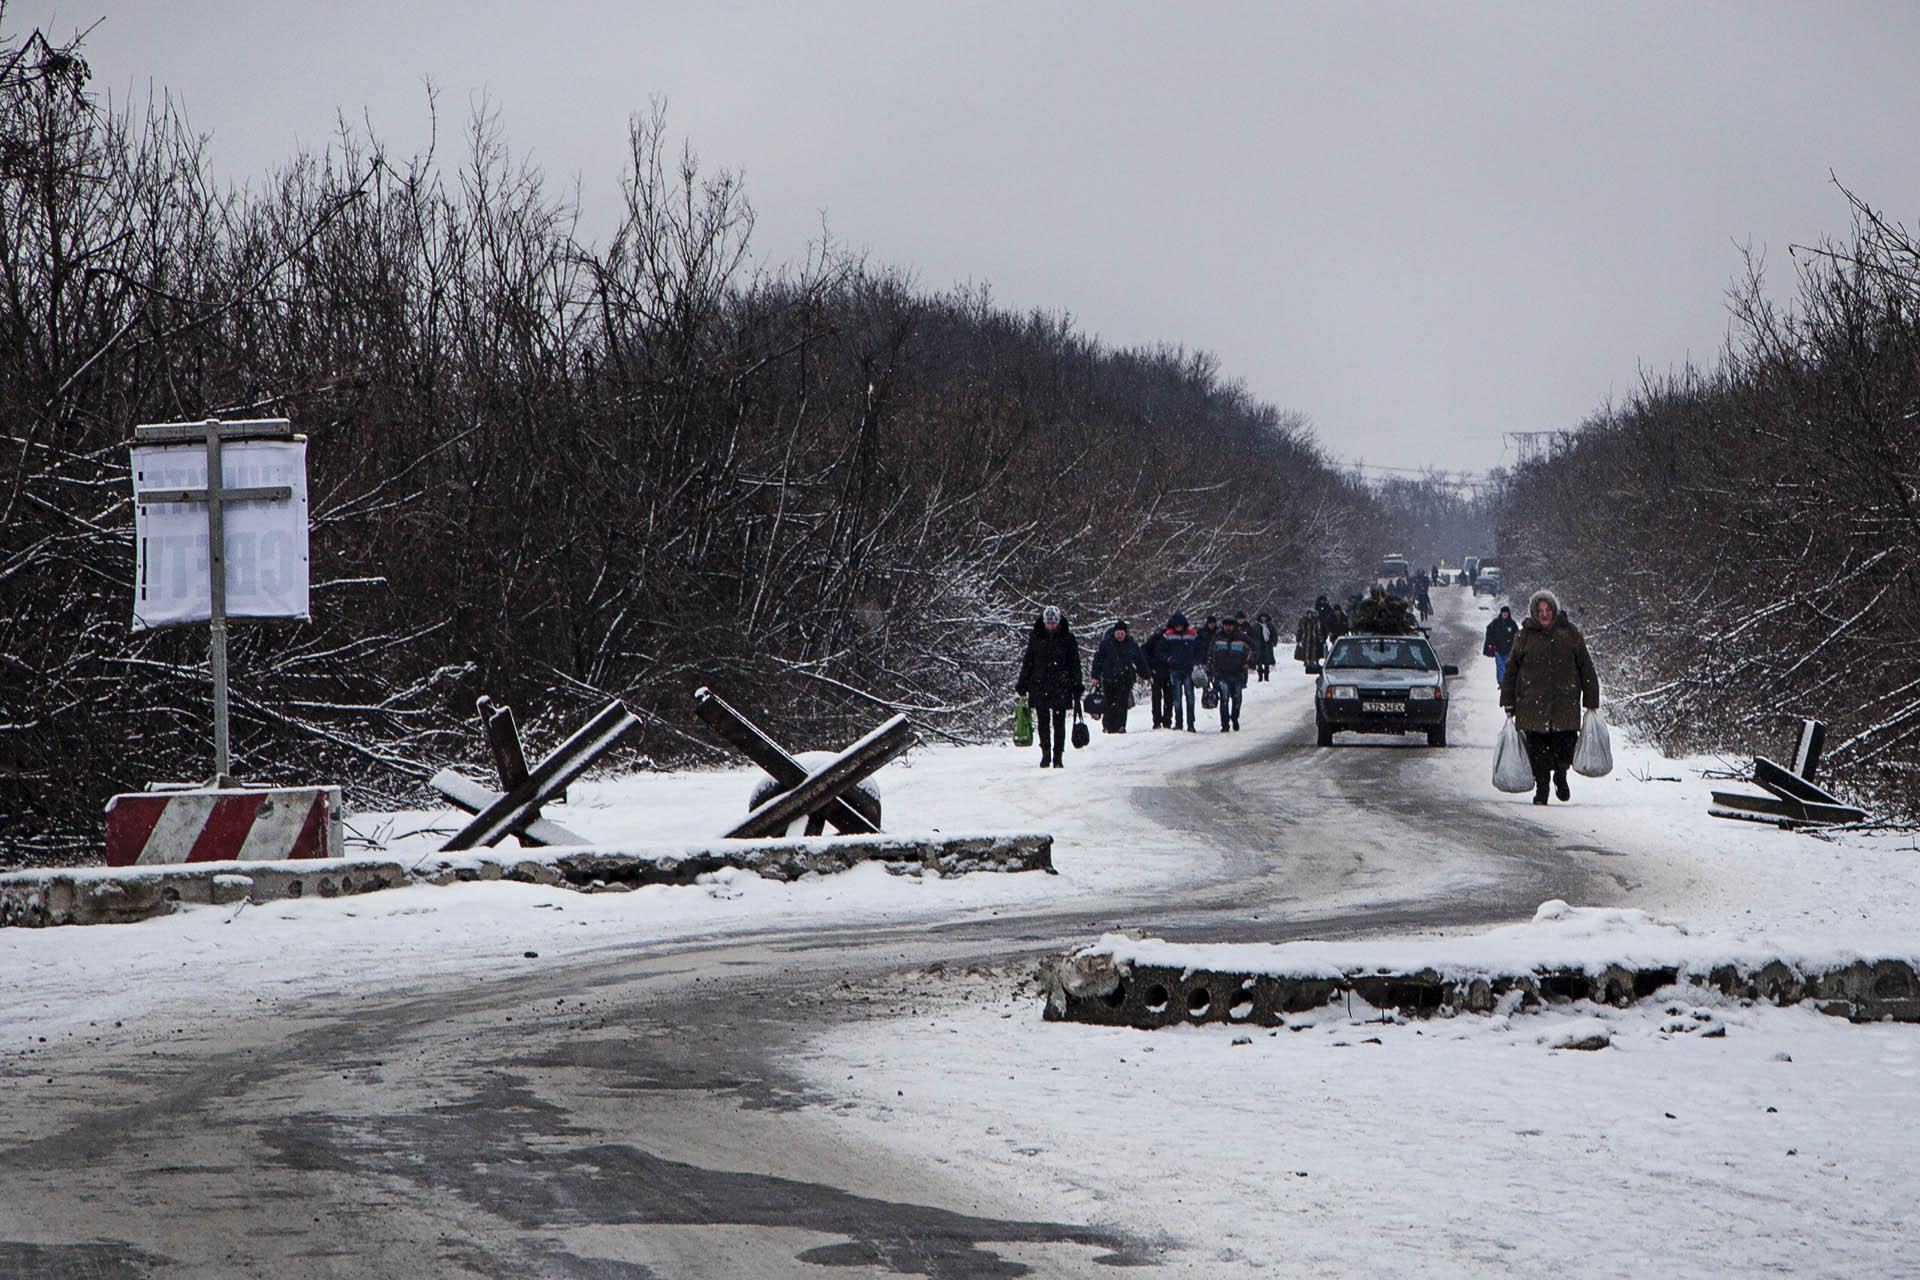 Civiles llegando a territorio de la RPD desde Ucrania.